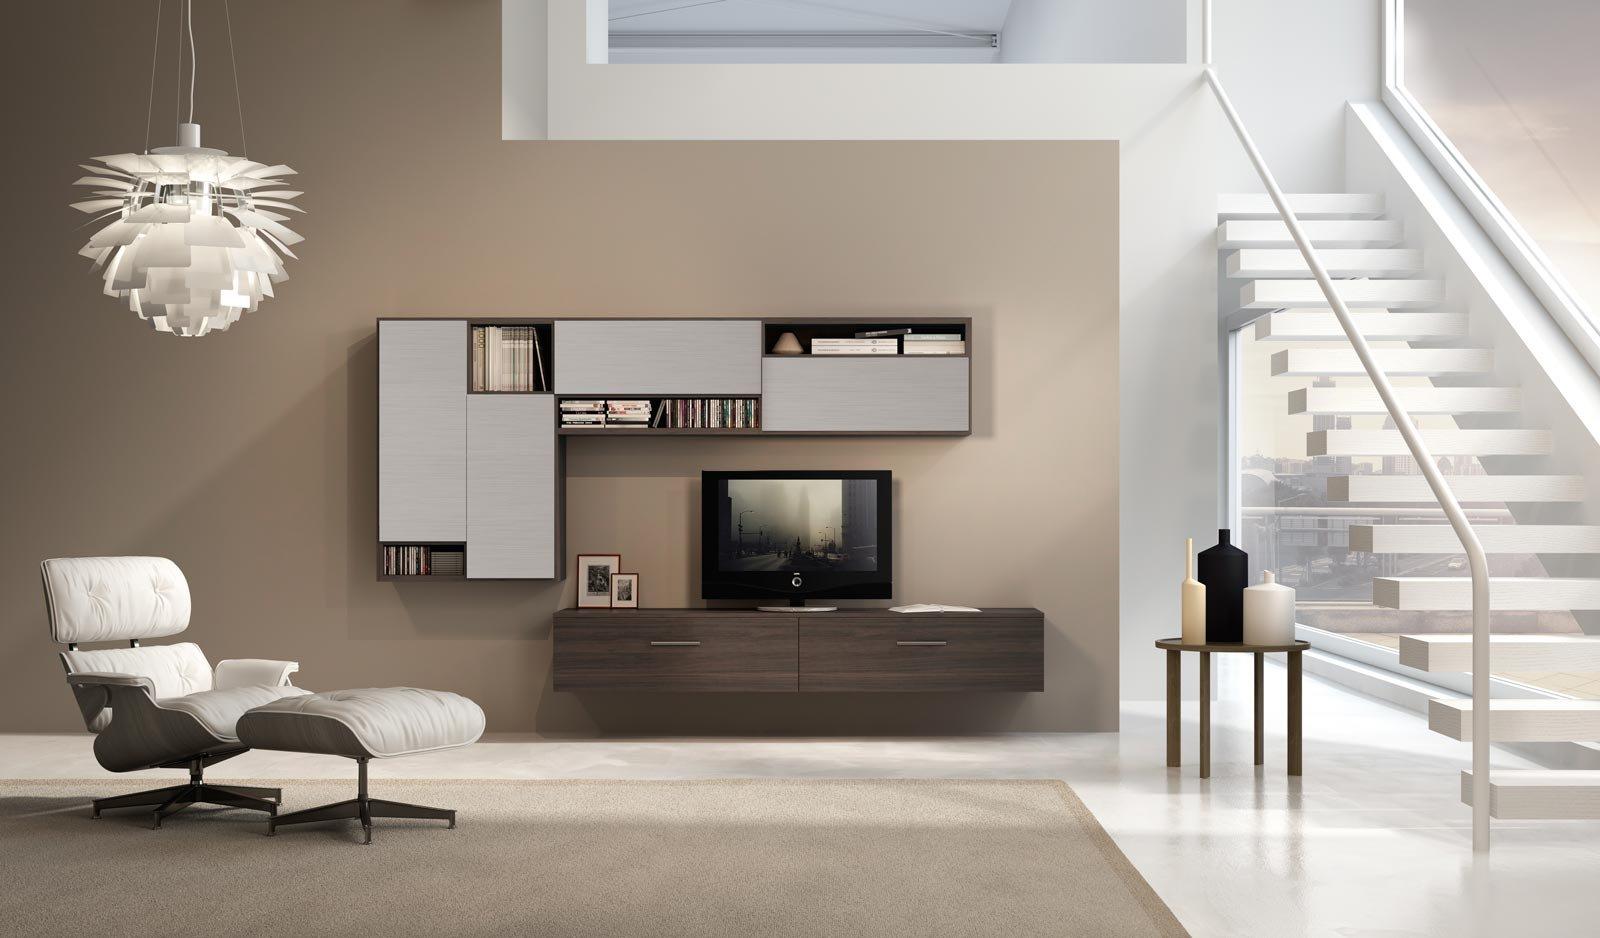 Mobili sospesi per il living o l 39 ingresso cose di casa - Living mobili soggiorno ...